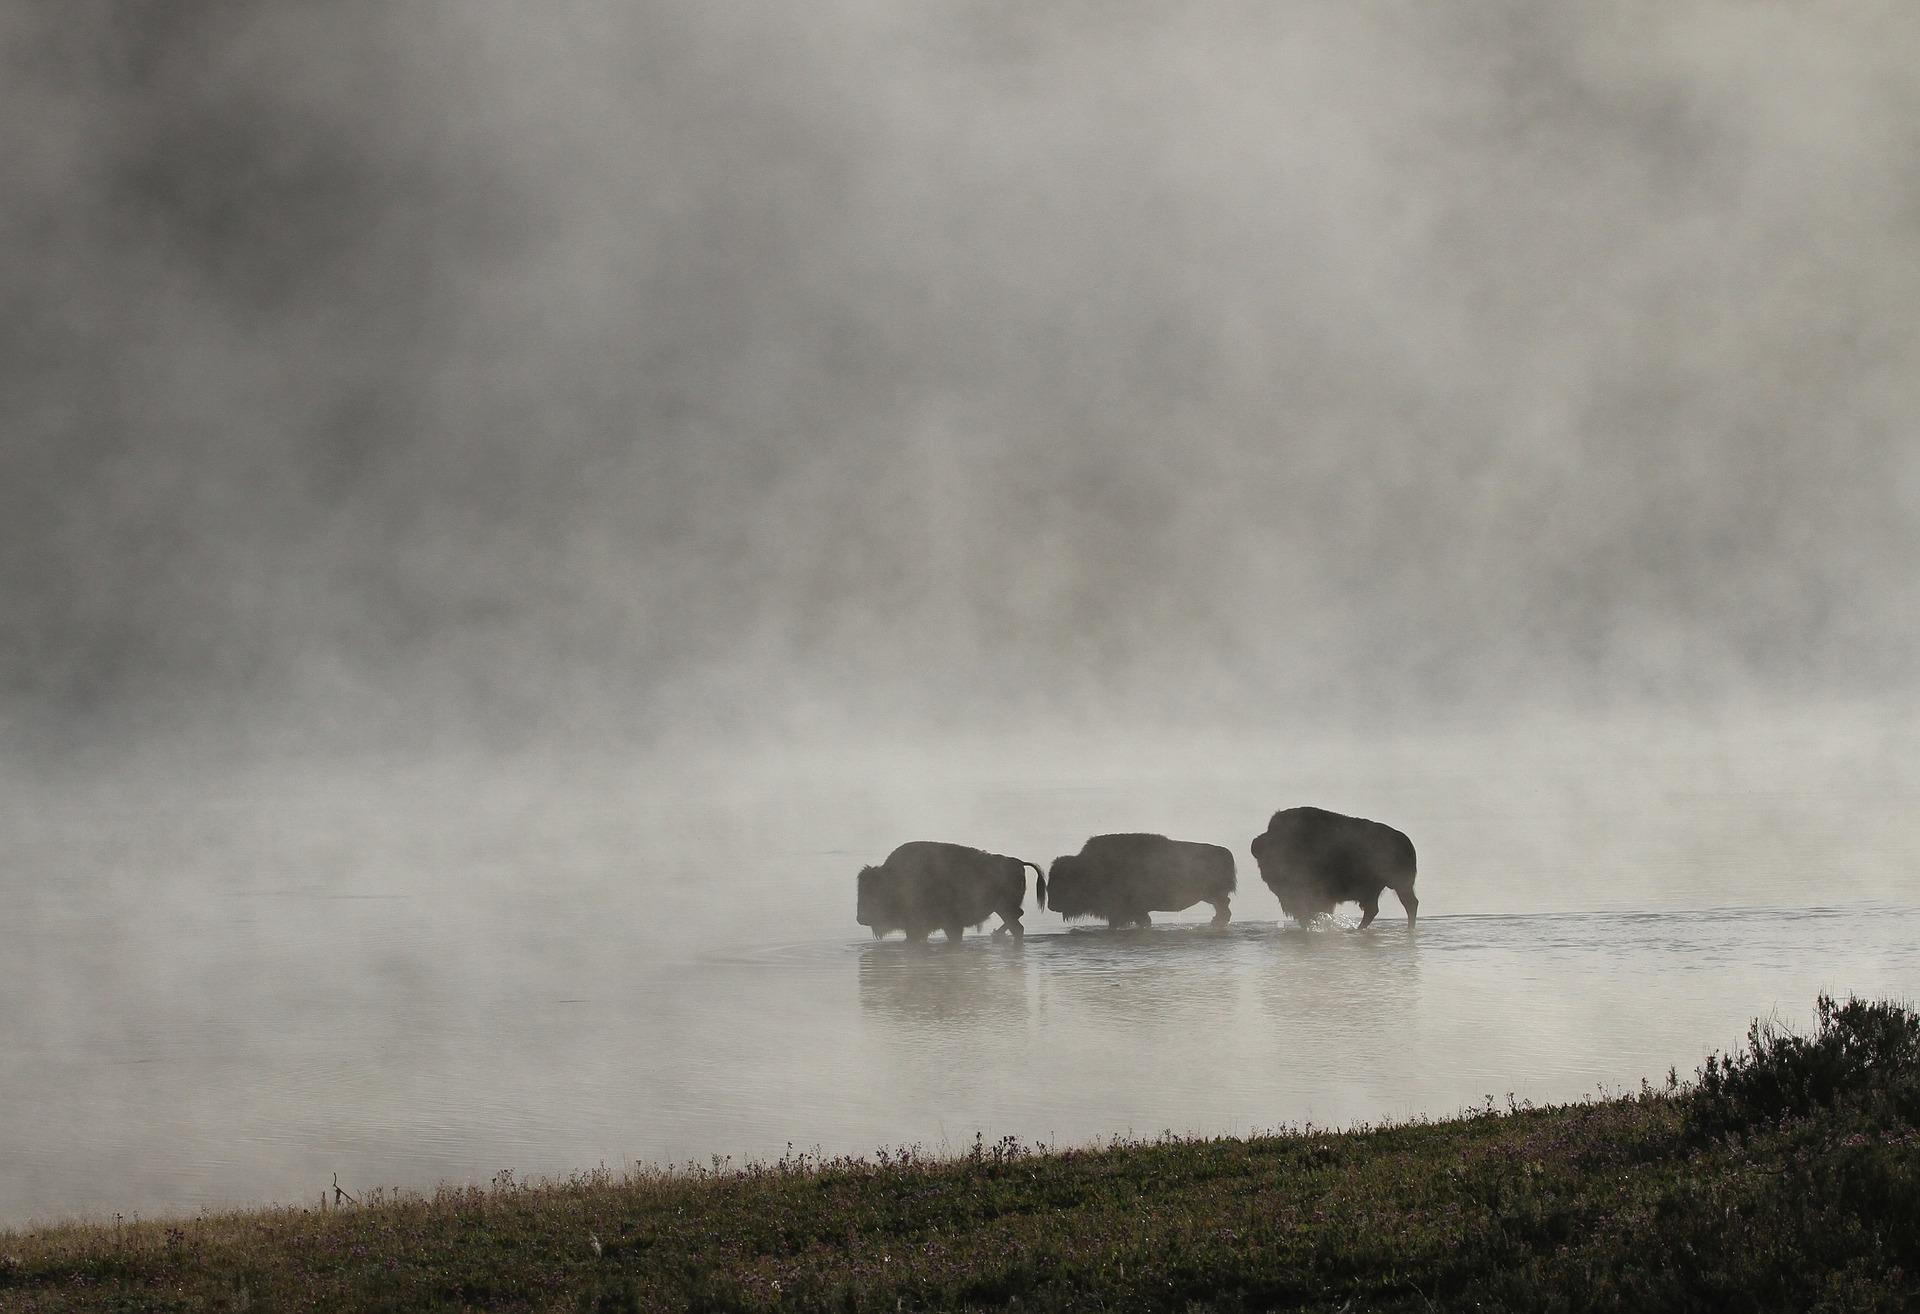 bison-1801981_1920.jpg